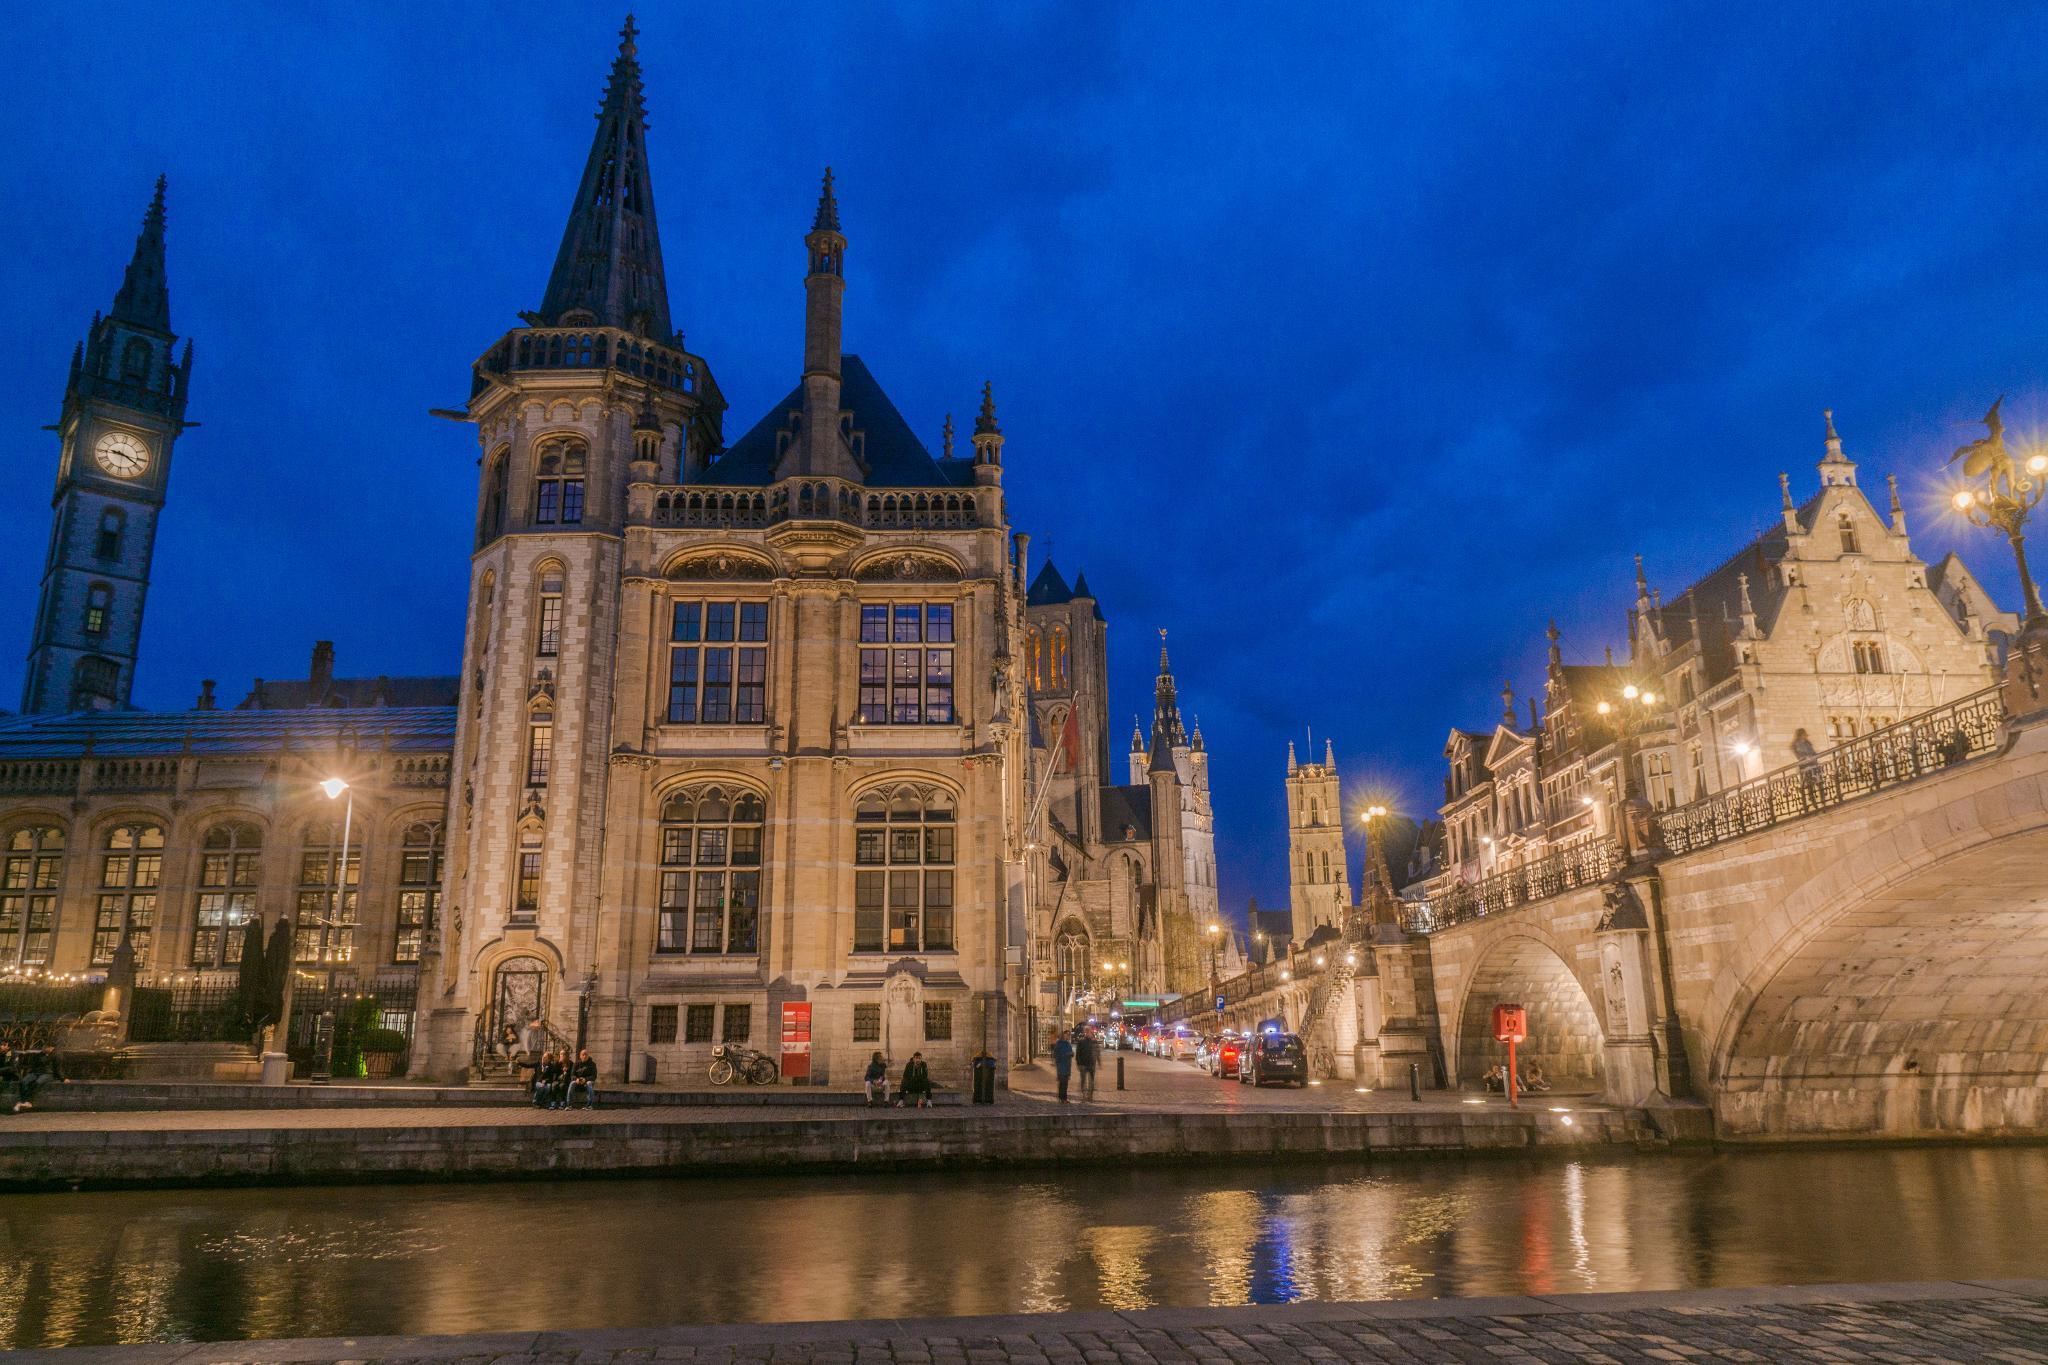 【比利時】穿梭中世紀的大城小事 — 比利時根特 (Ghent) 散步景點總整理 89